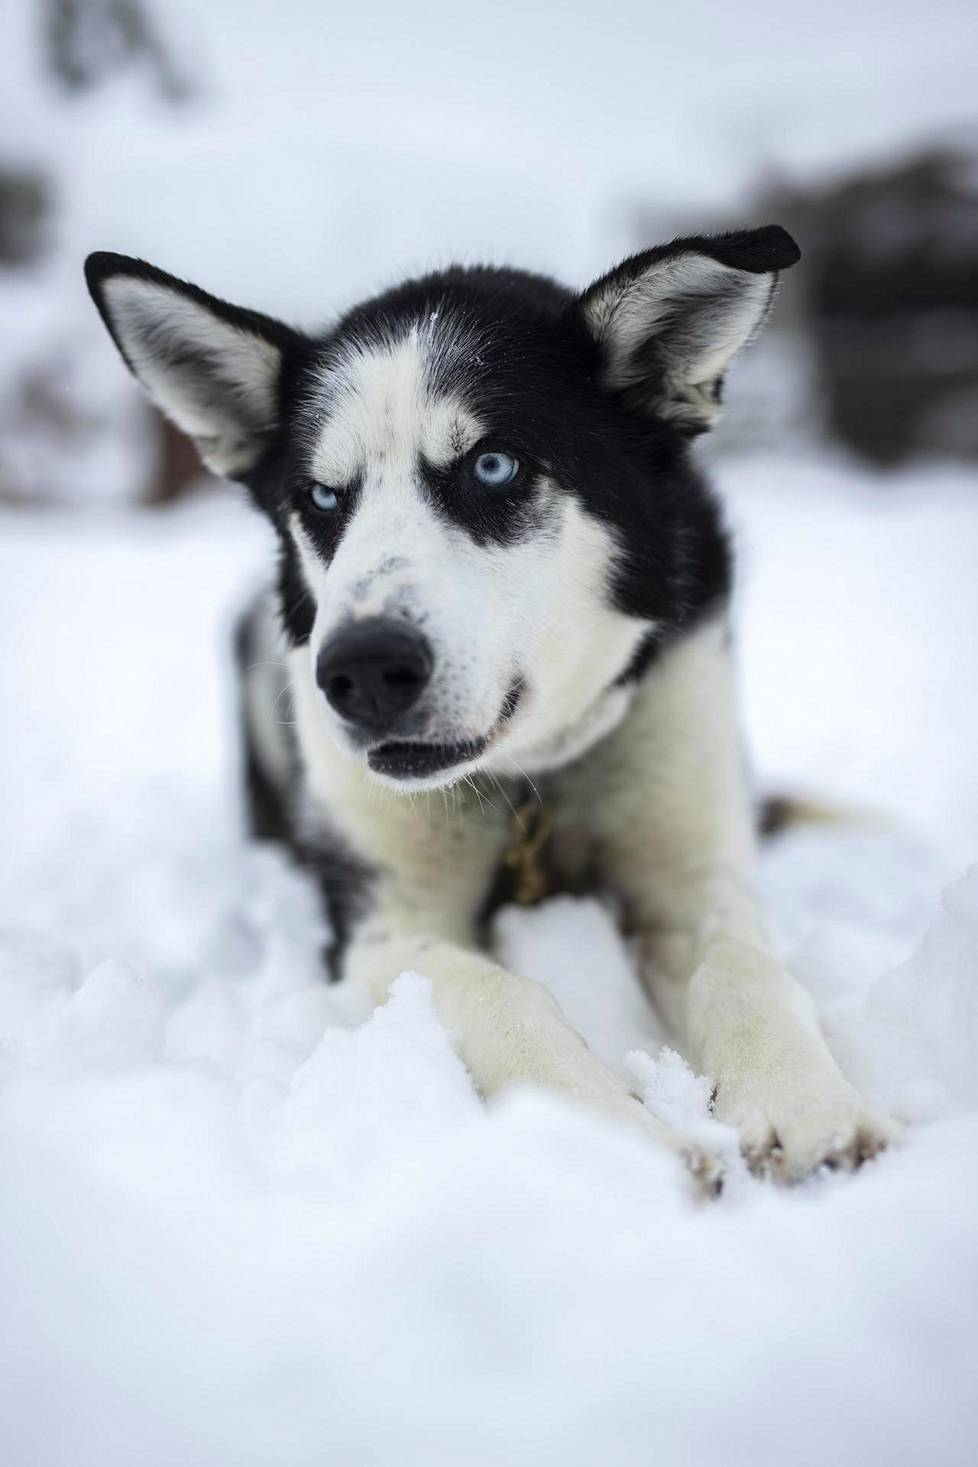 Harrinivan koiratarhalla on noin 400 huskya, joista osa on alaskanhuskyja ja osa siperianhuskyja.